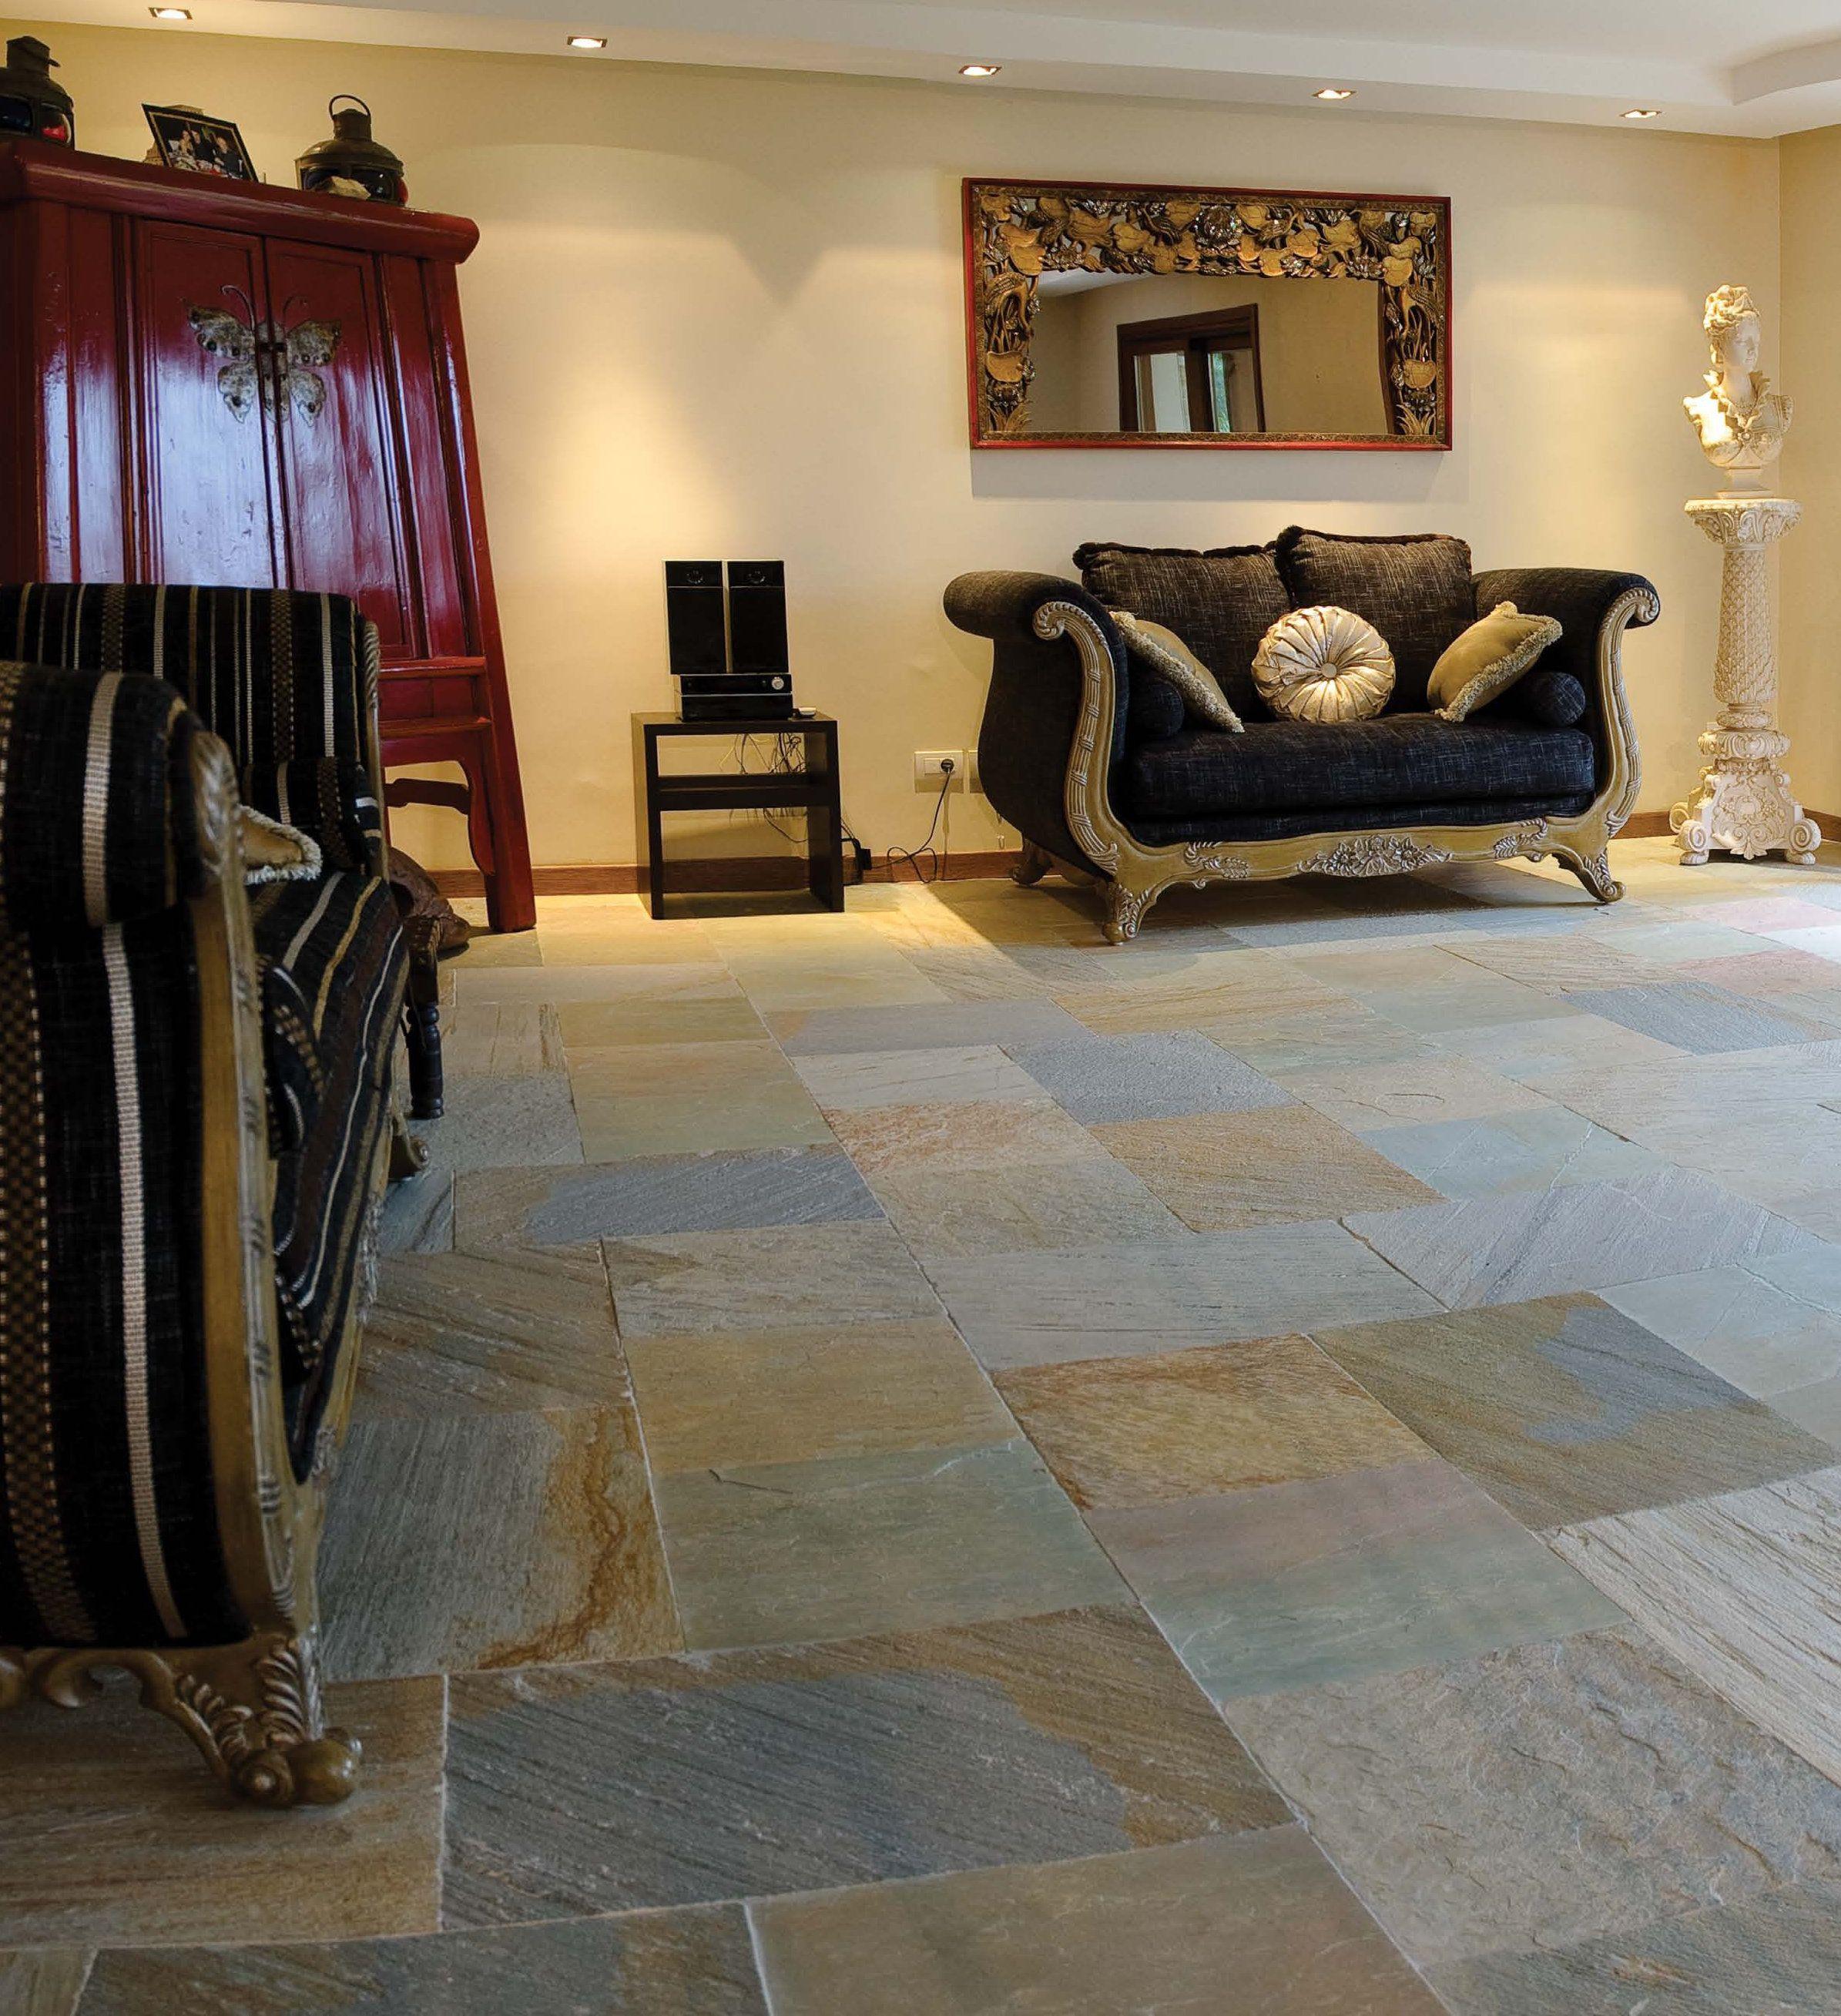 Slate Trends 2013 Marble Systems Inc Slate Tile Concrete Floors Living Room Tiles For Sale #slate #floors #in #living #room